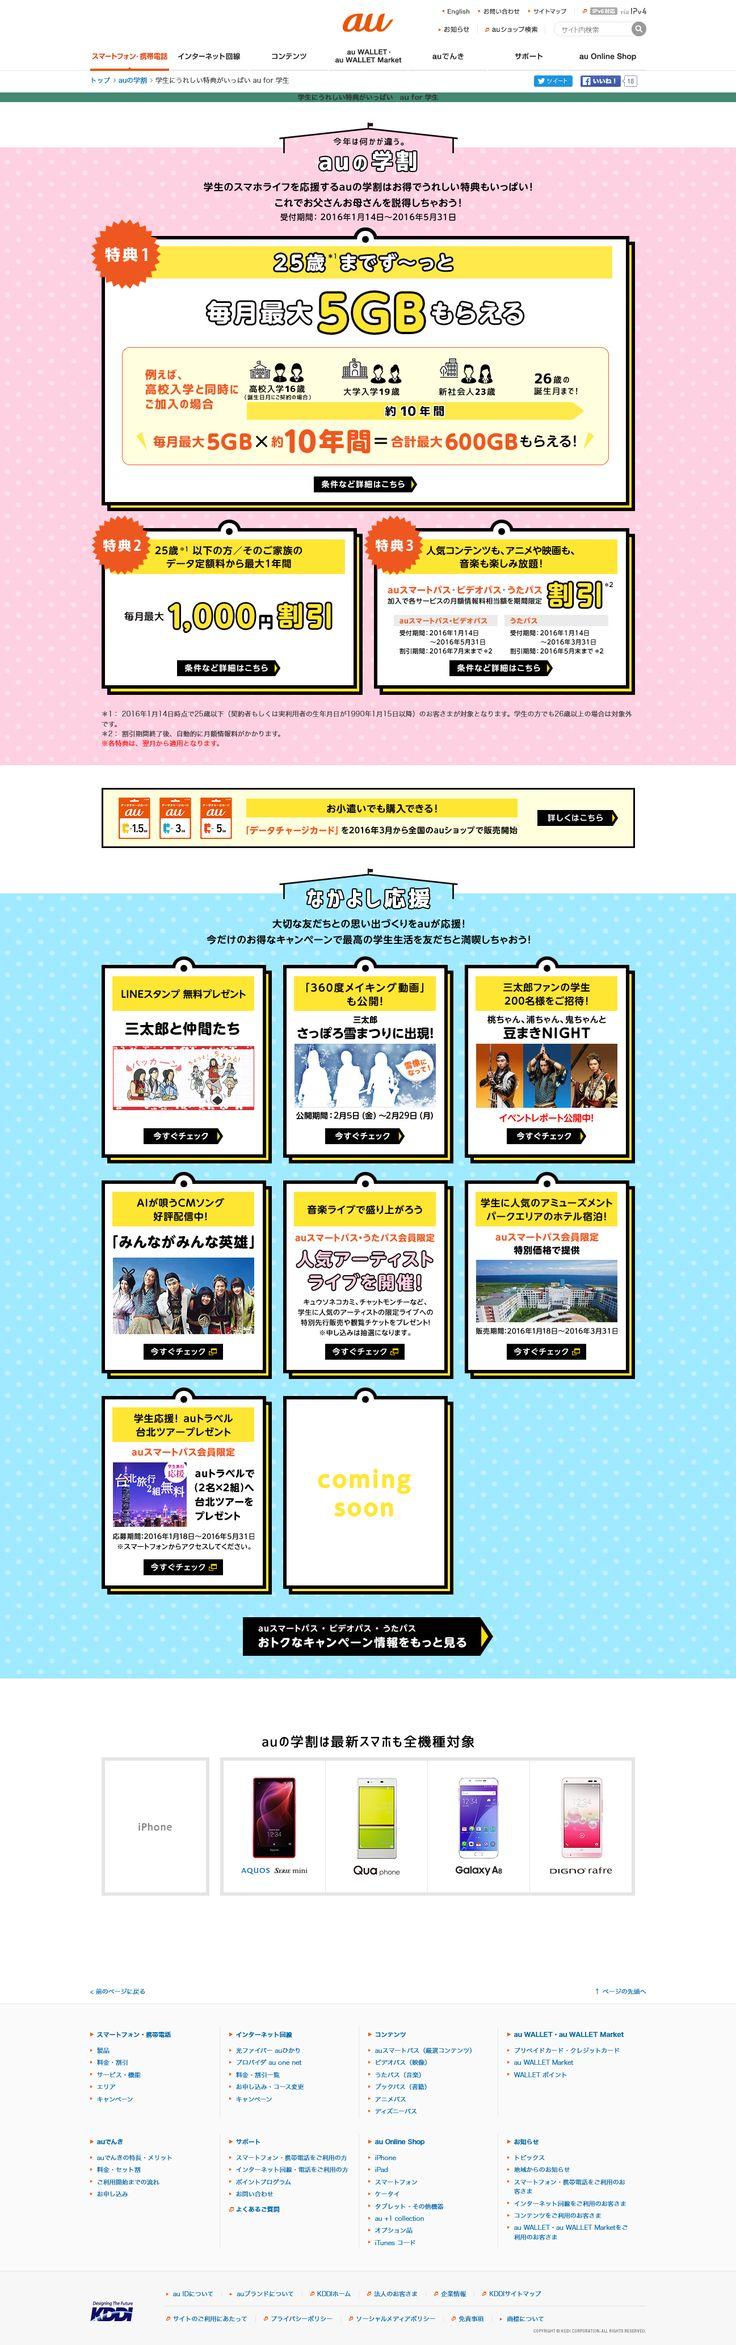 http://www.au.kddi.com/pr/students/